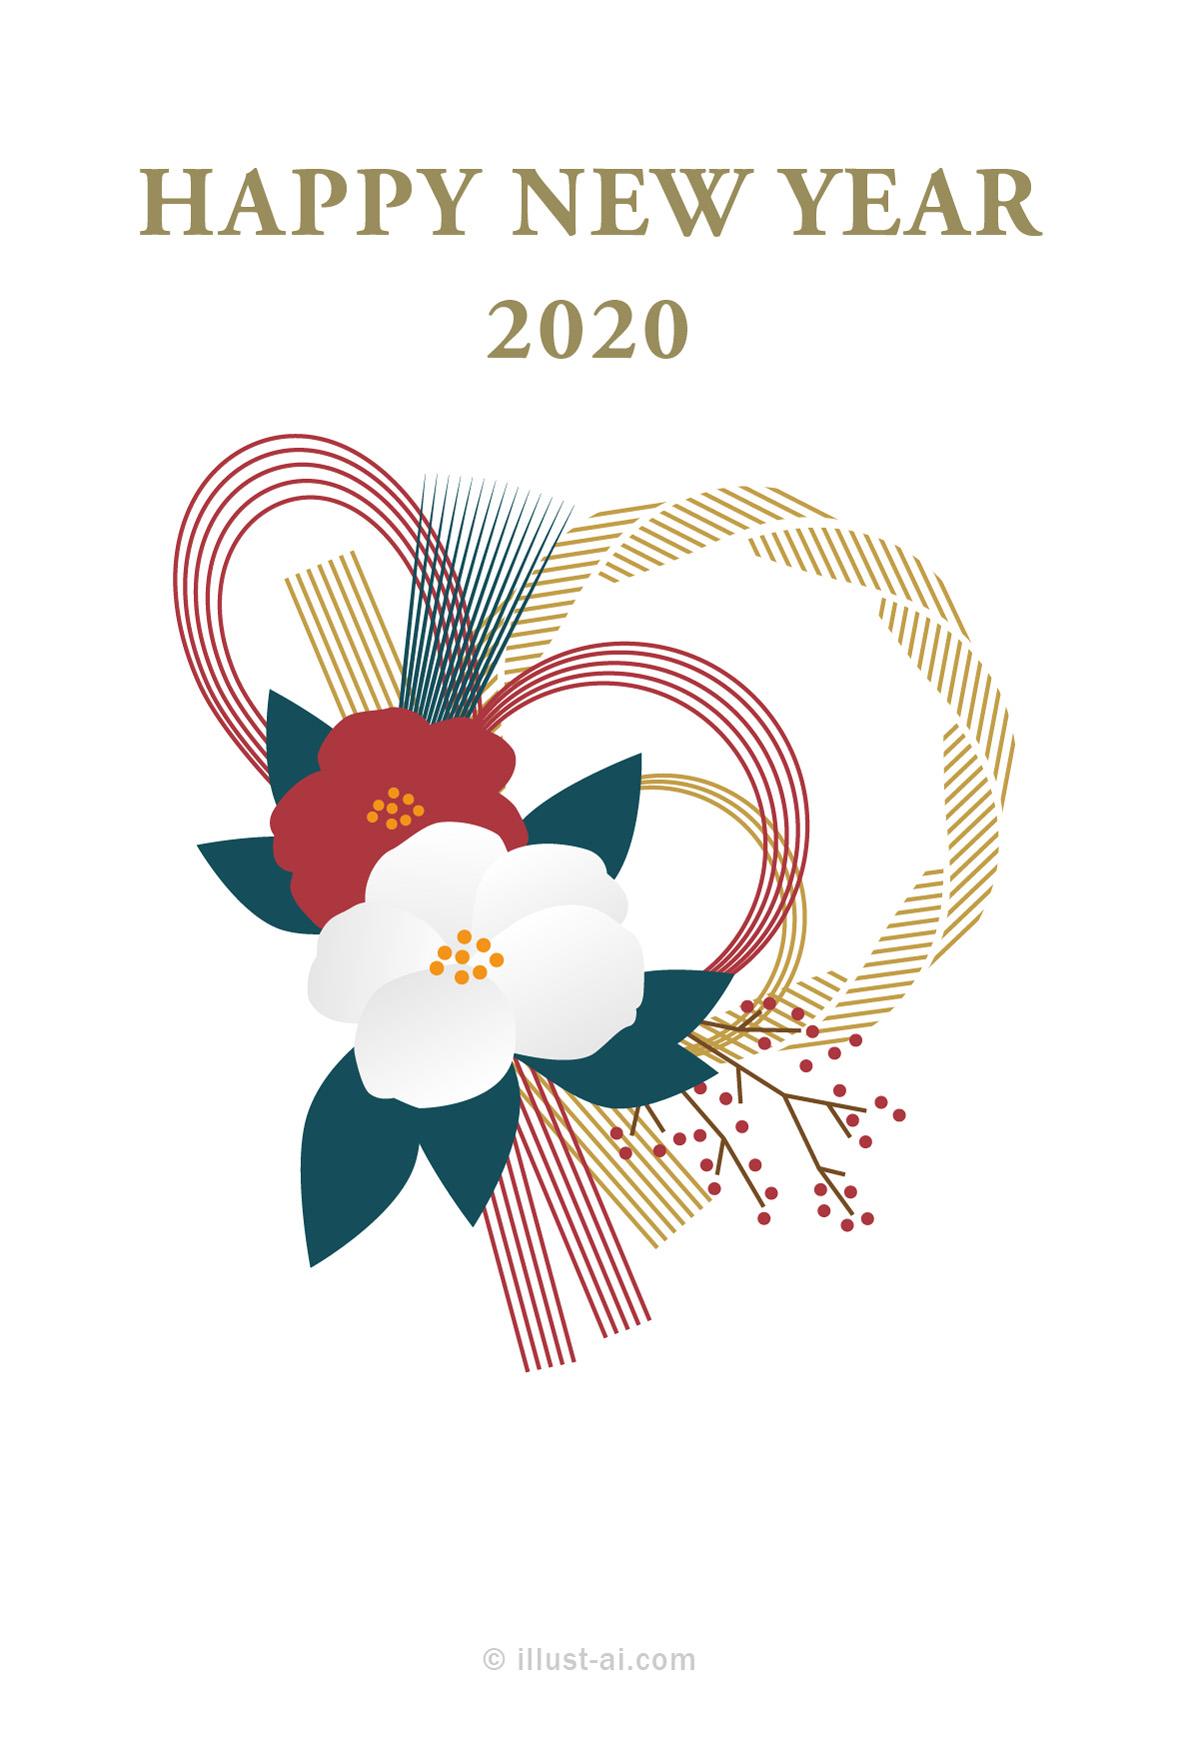 年賀状 子年水引と椿の花で飾られたしめ縄の年賀状イラスト 年賀状